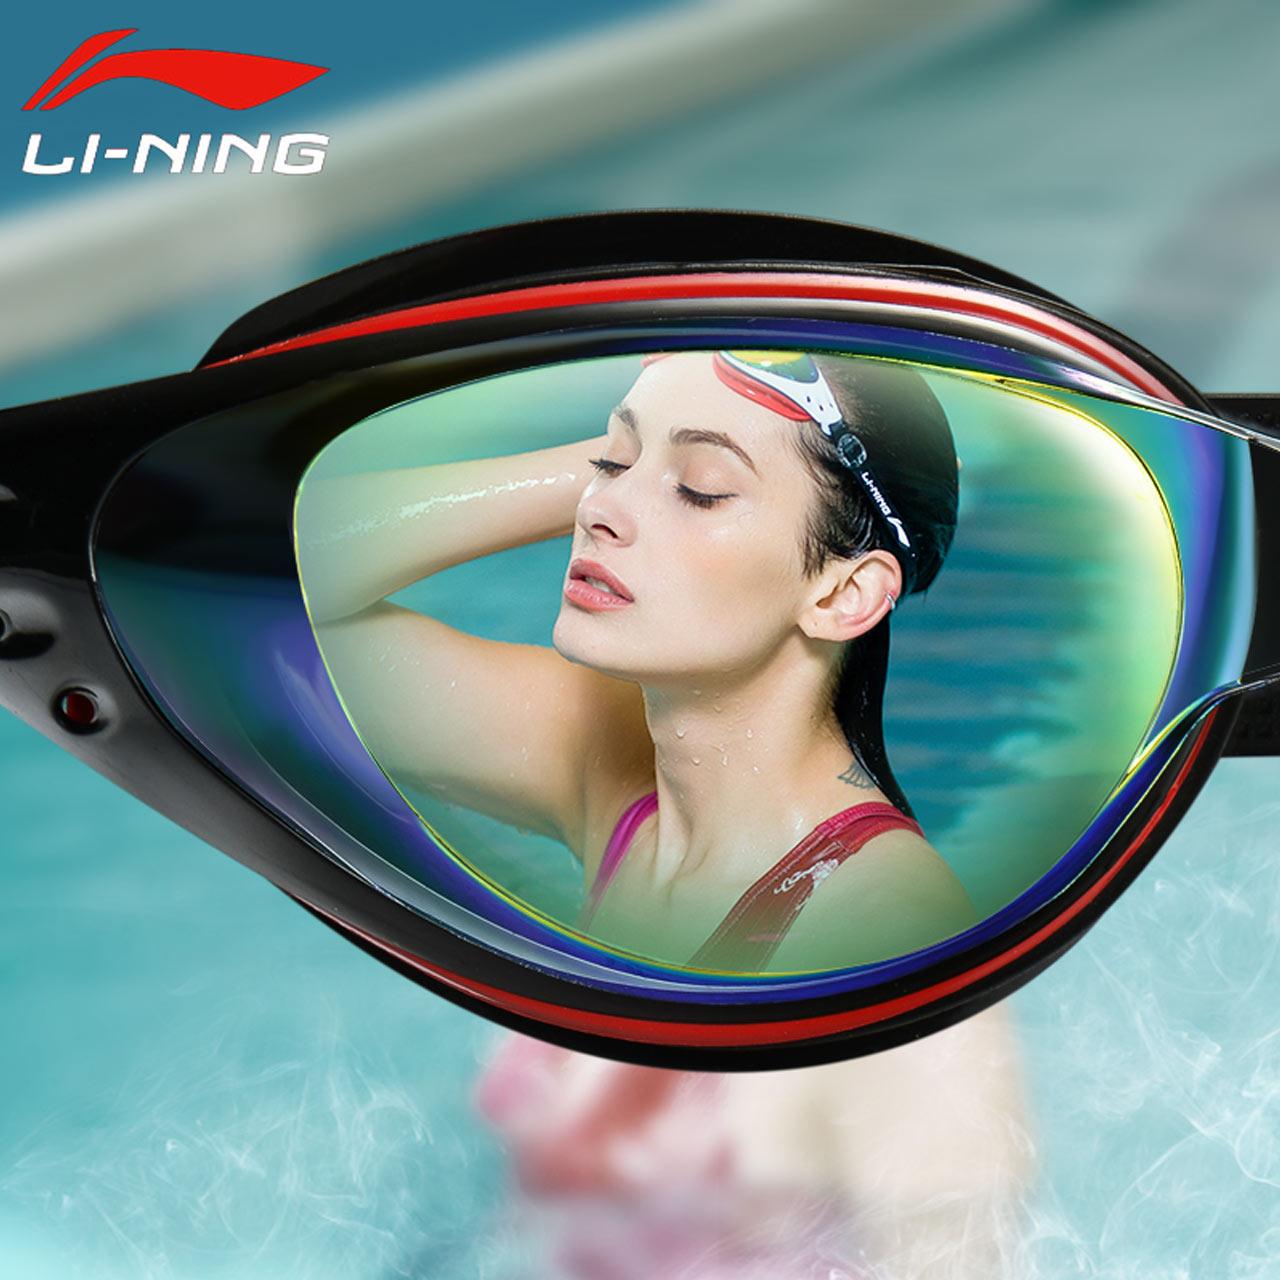 李宁泳镜泳帽套装男防水防雾高清近视游泳眼镜女专业成人潜水装备